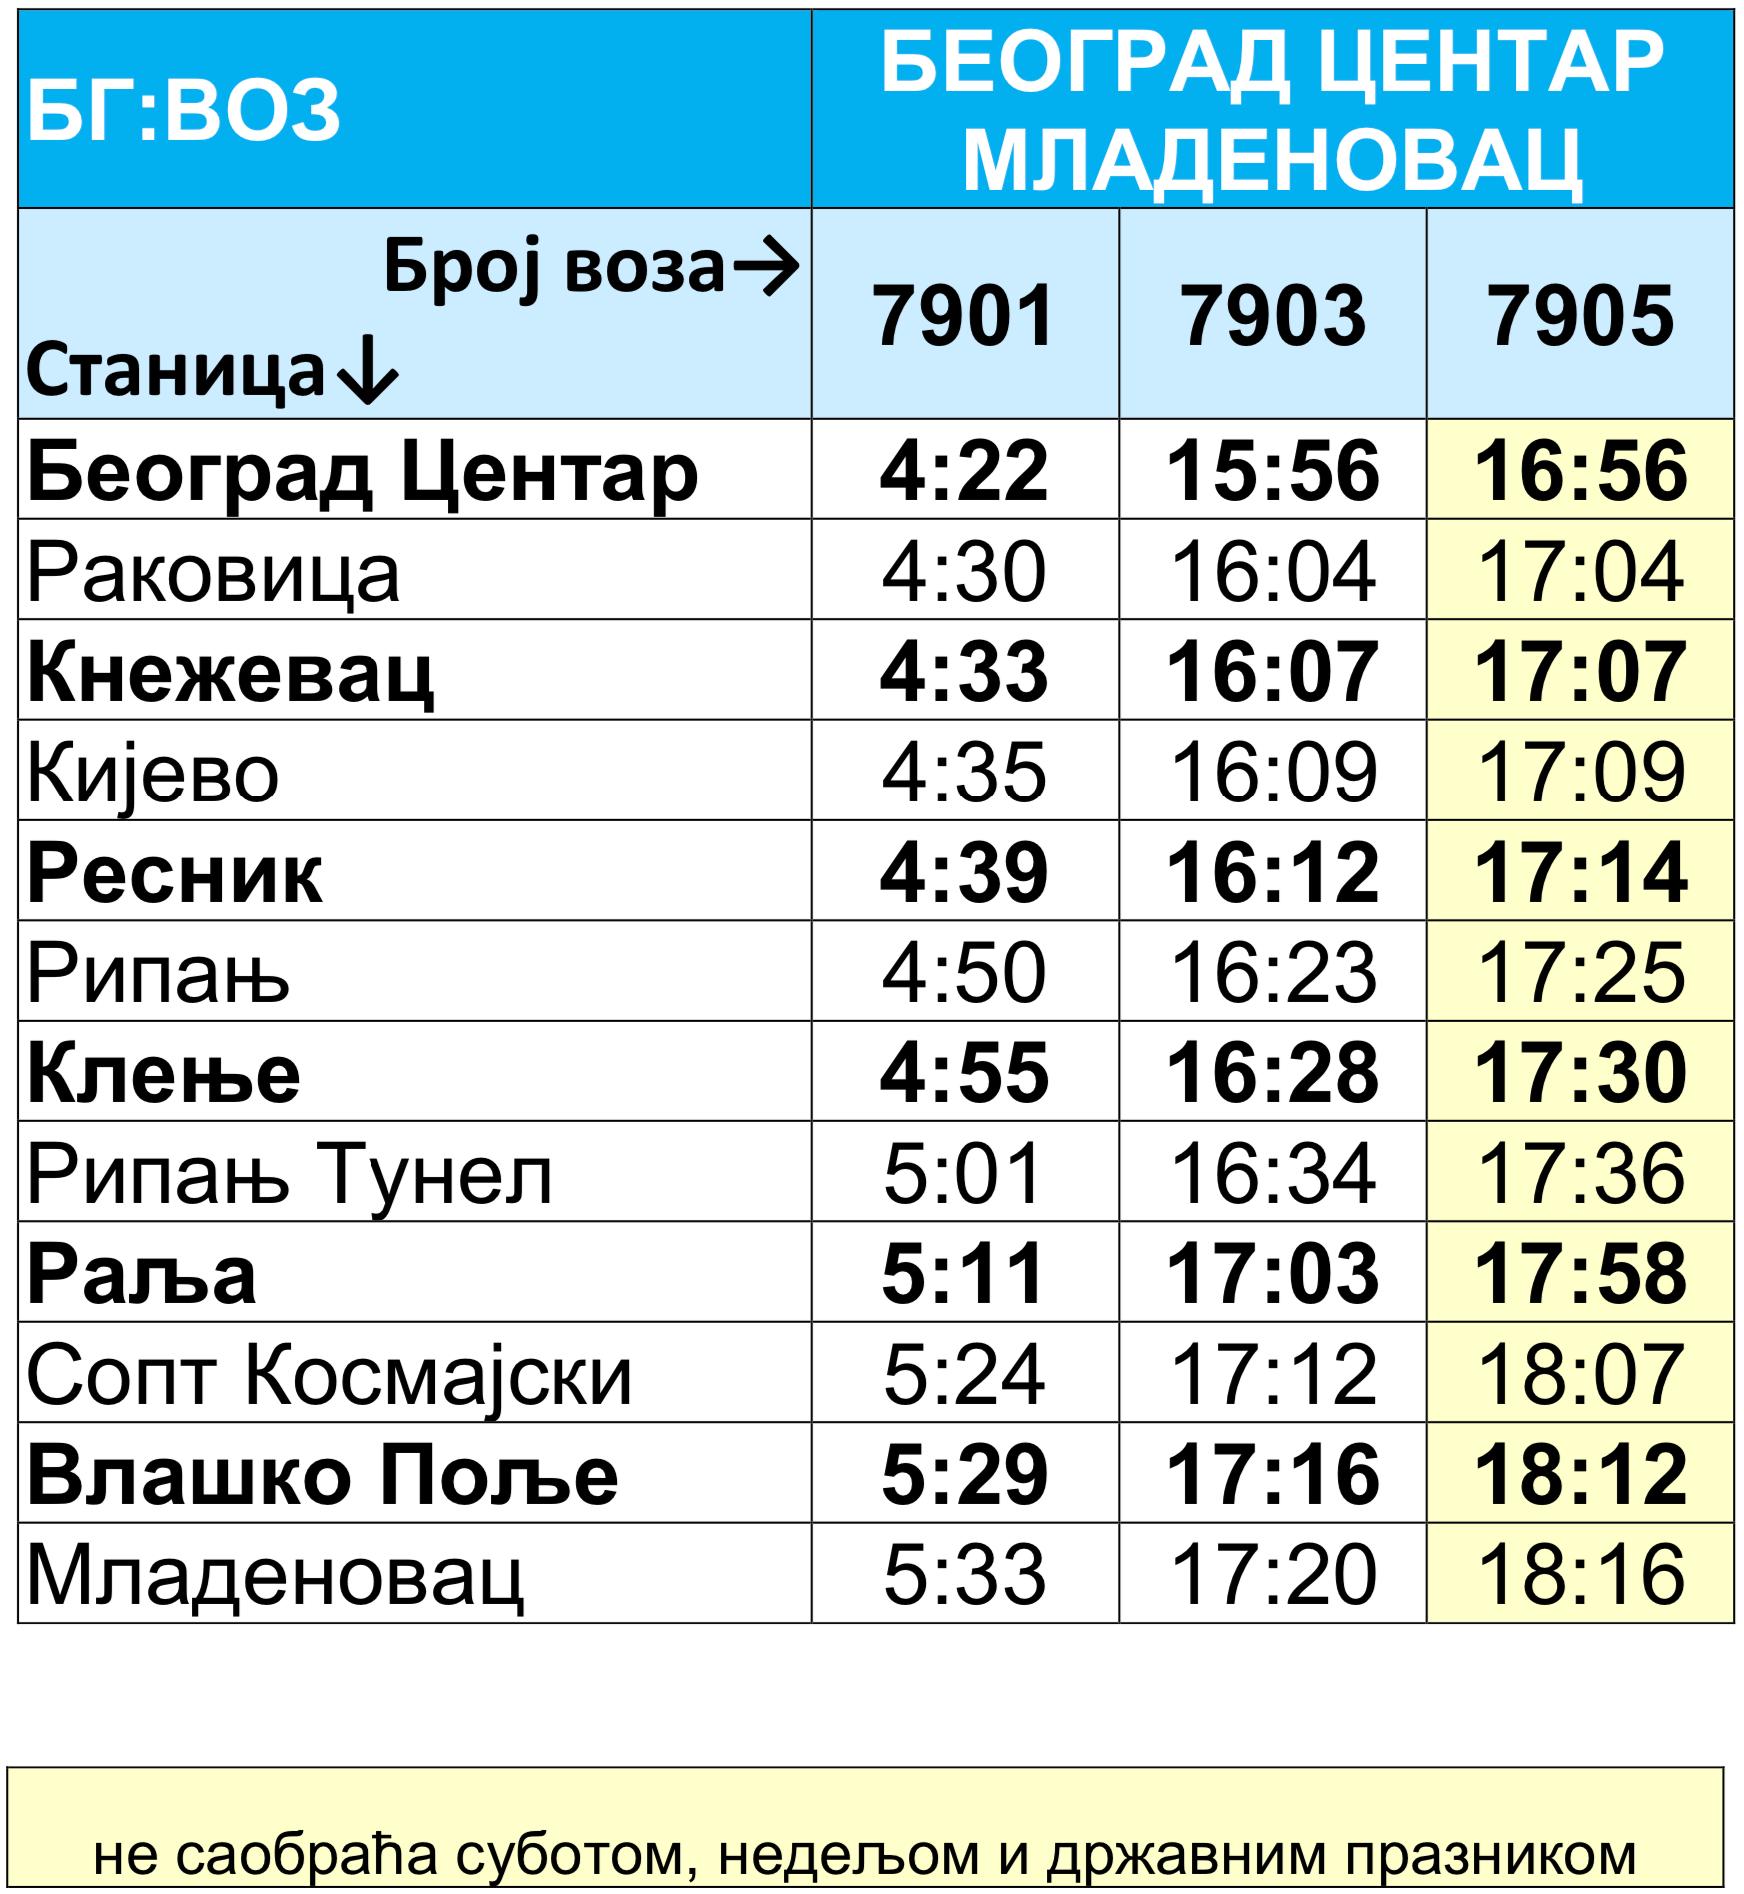 BG Voz 3 (Mladenovac - Beograd /Centar/)